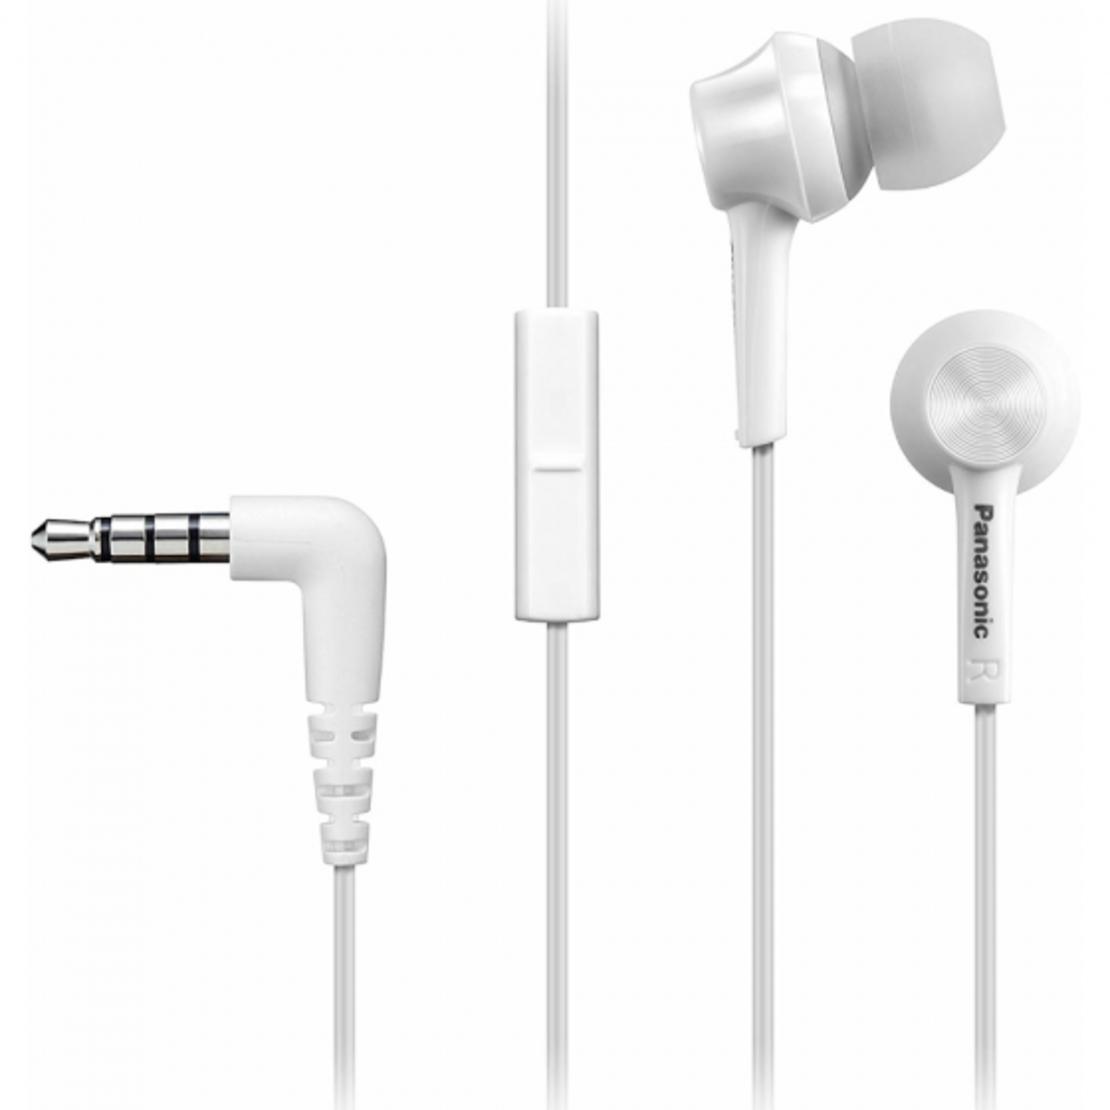 אוזניות Panasonic RP-TCM115 In-Ear - צבע לבן